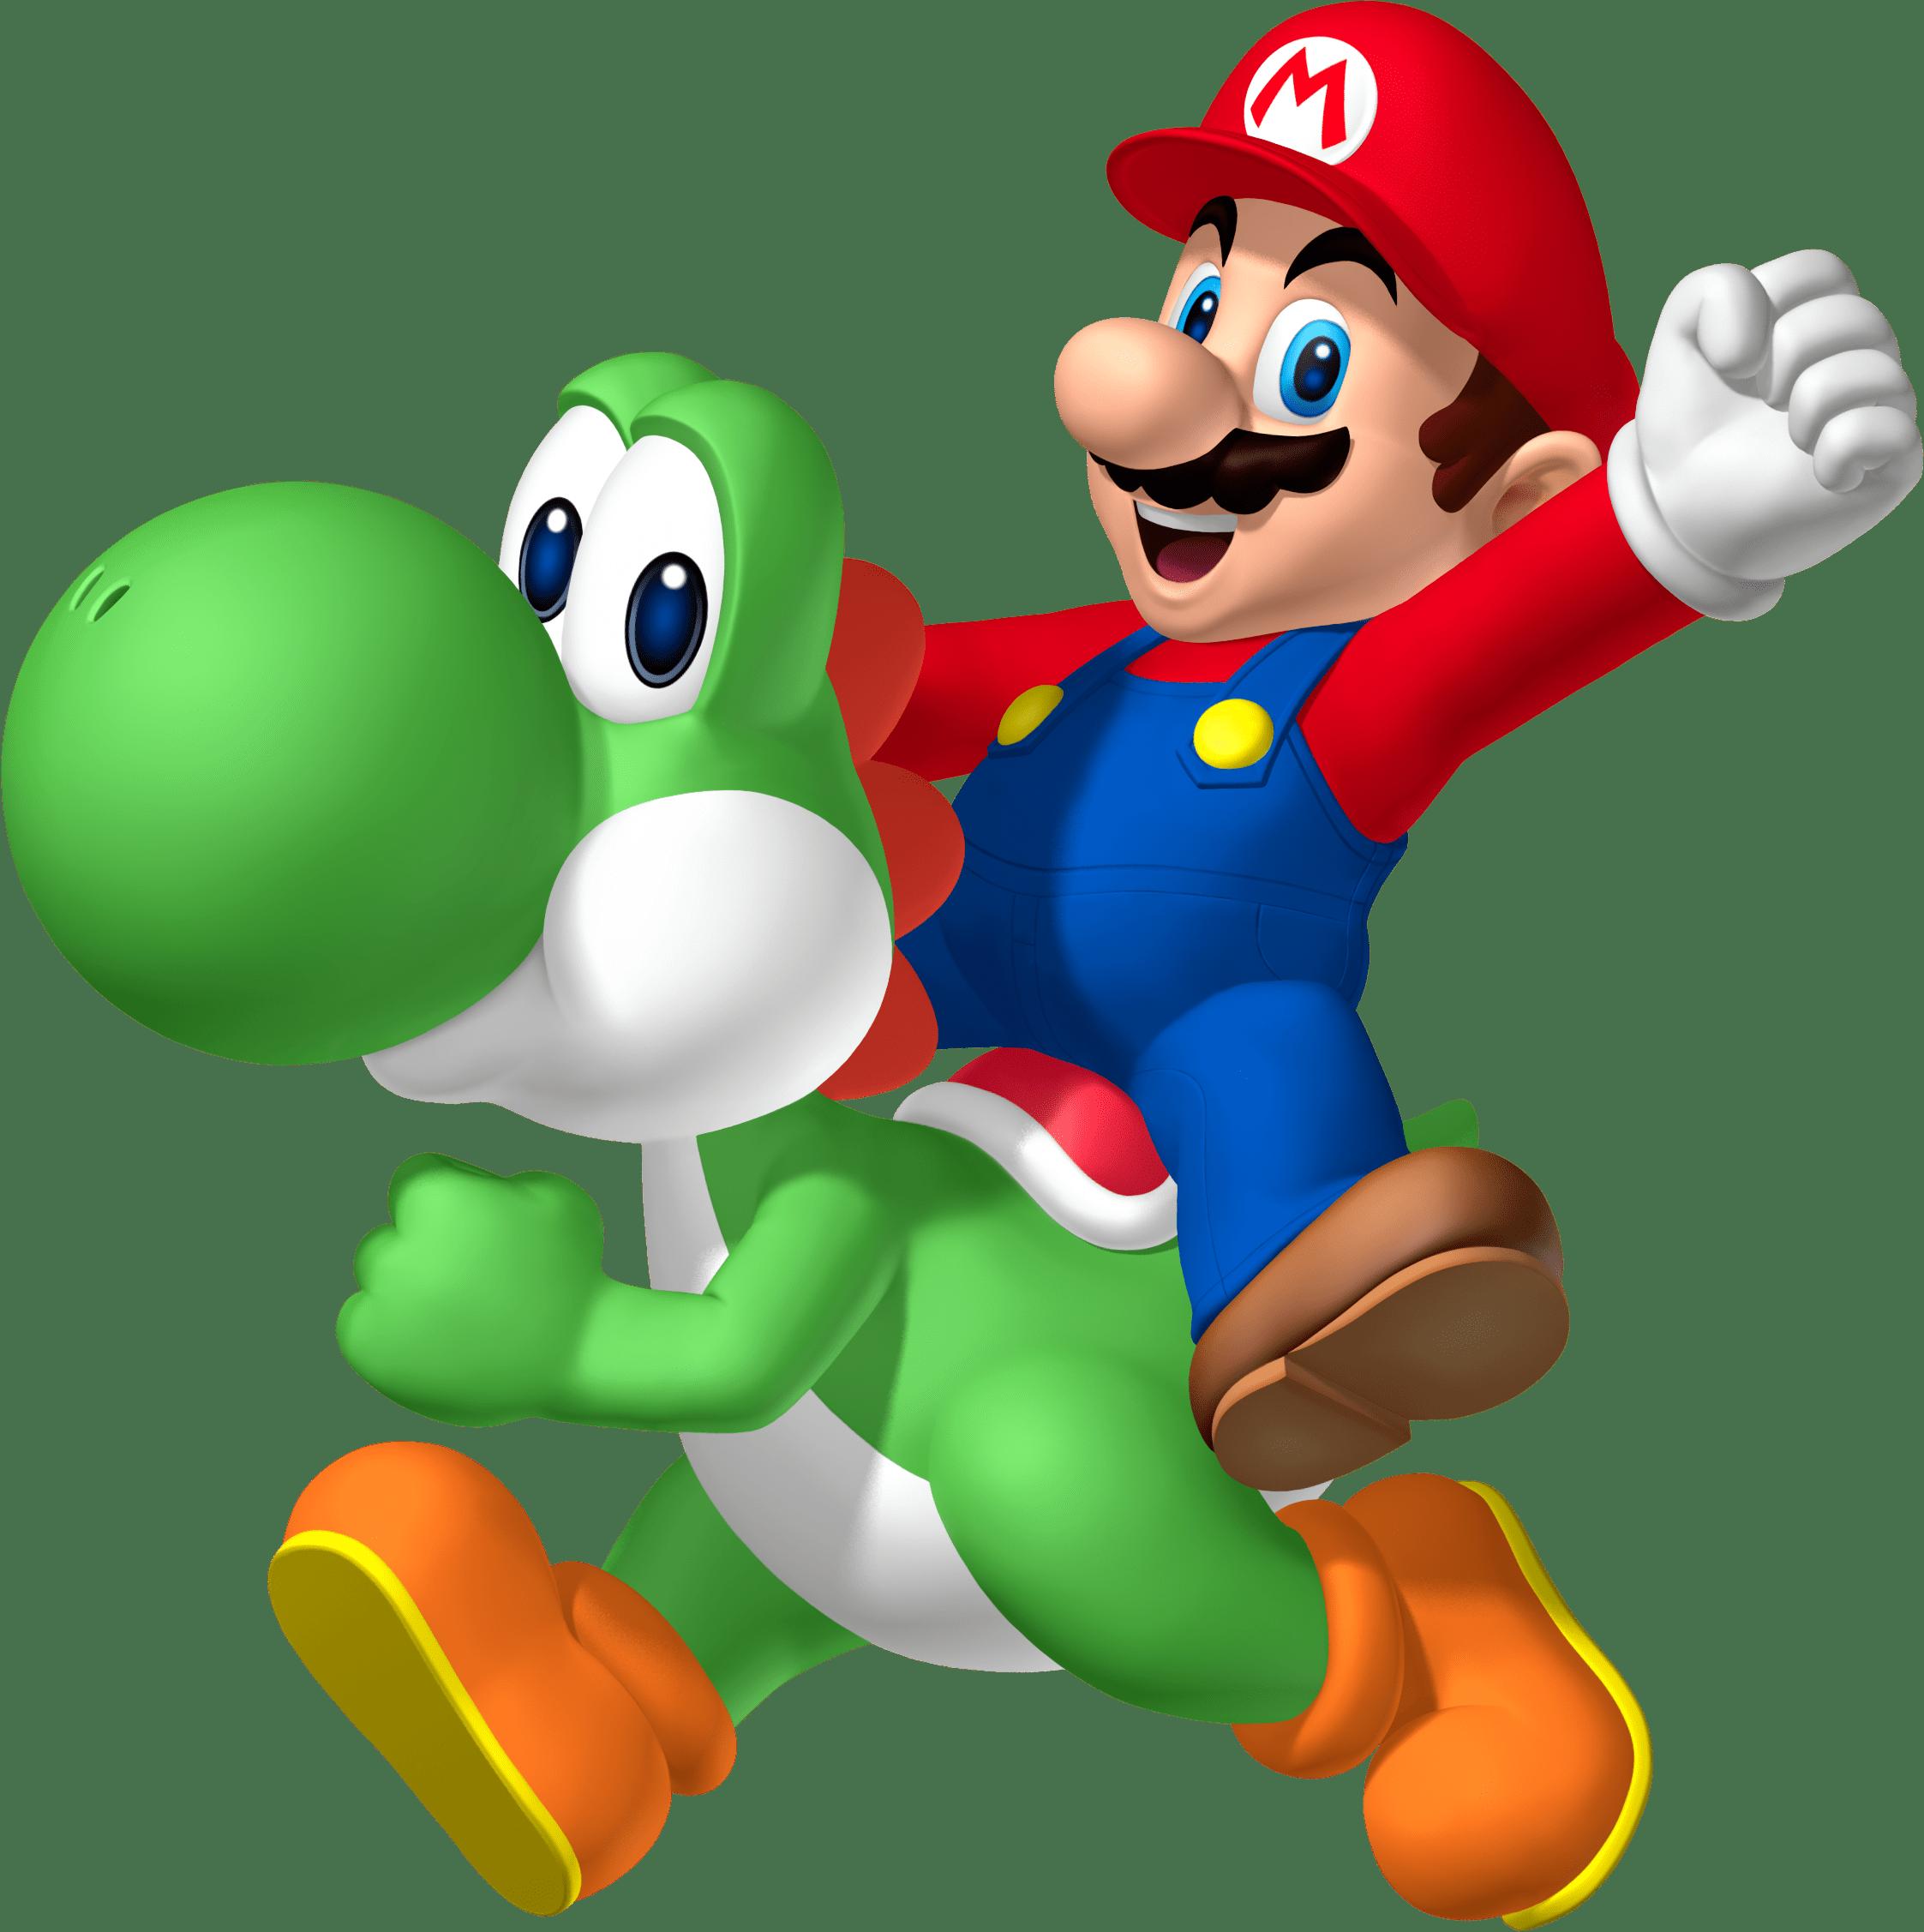 Mario Riding Yoshi Transparent Png Stickpng